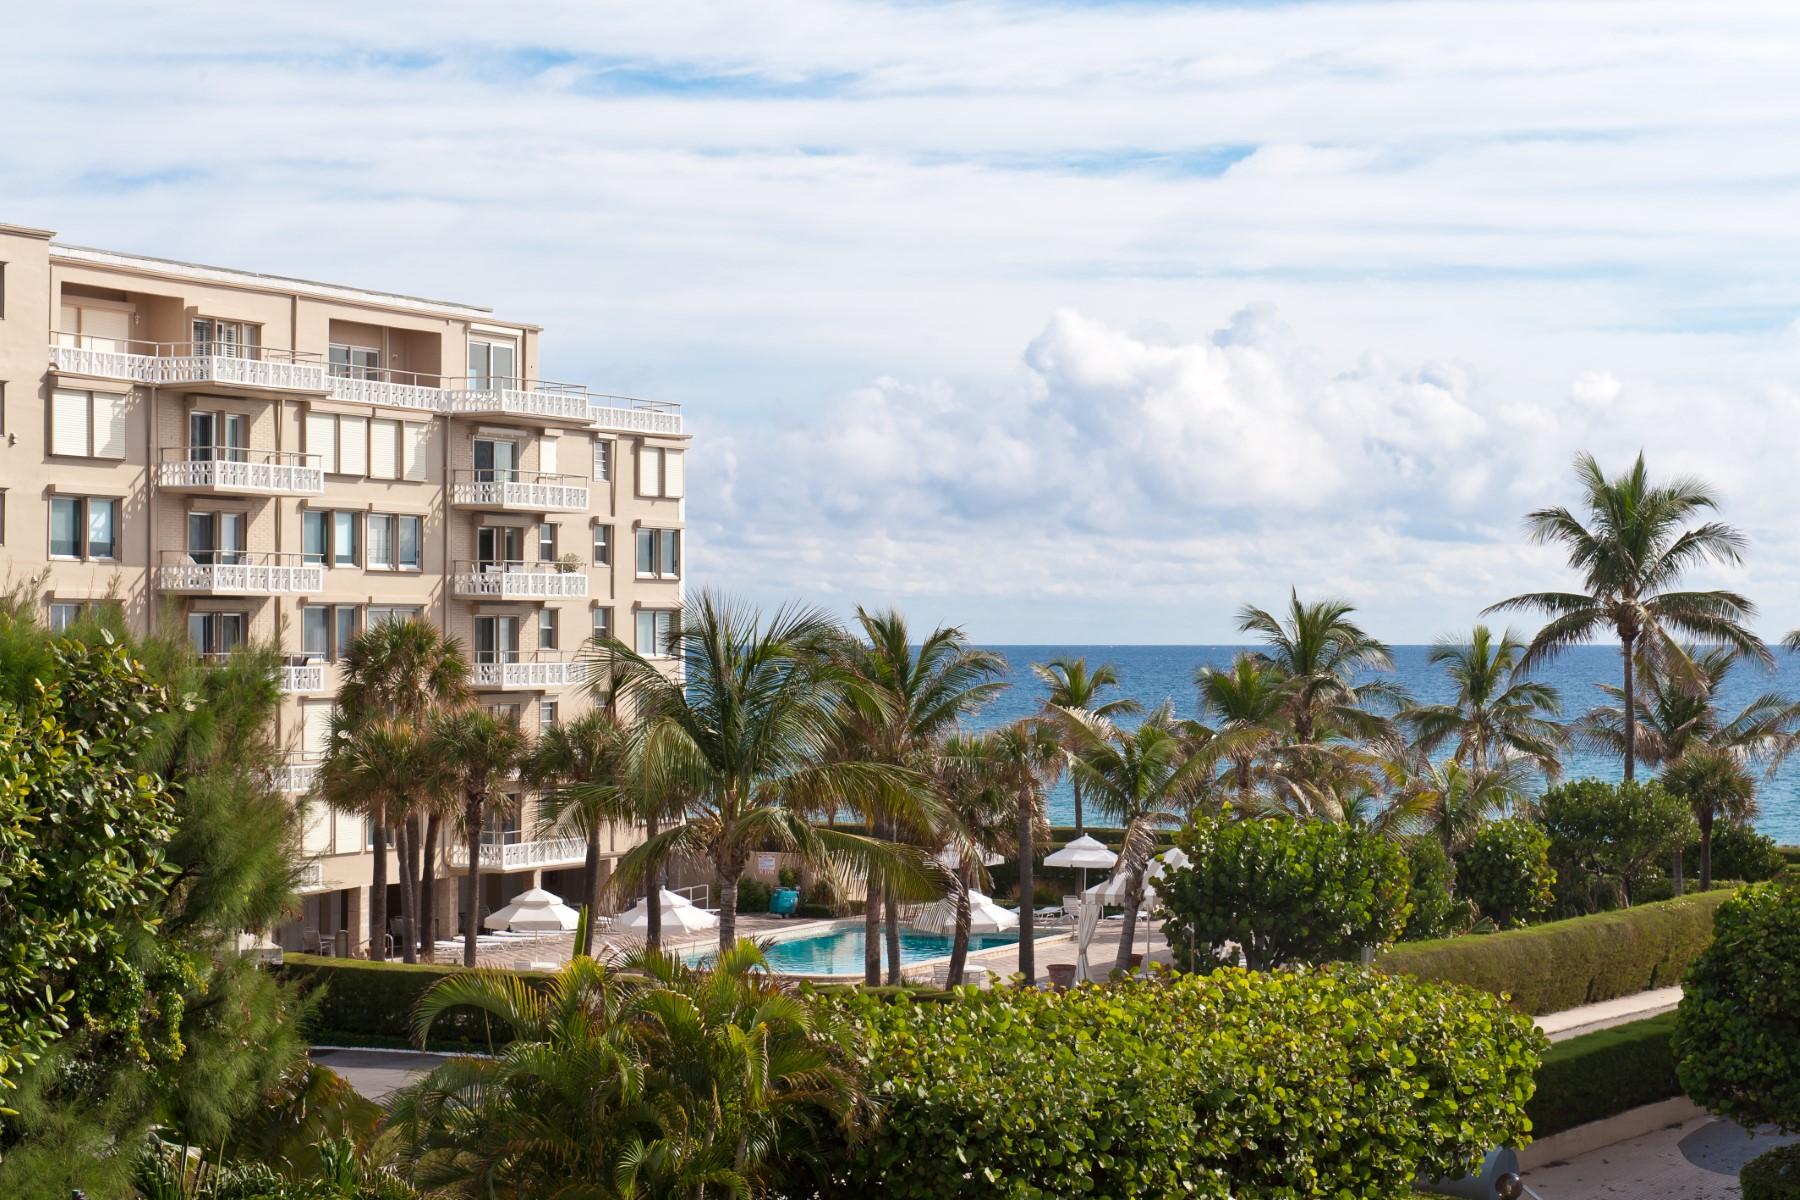 Eigentumswohnung für Verkauf beim Ocean Towers South Condo - Palm Beach 139 Sunrise Ave Apt 410 Palm Beach, Florida 33480 Vereinigte Staaten